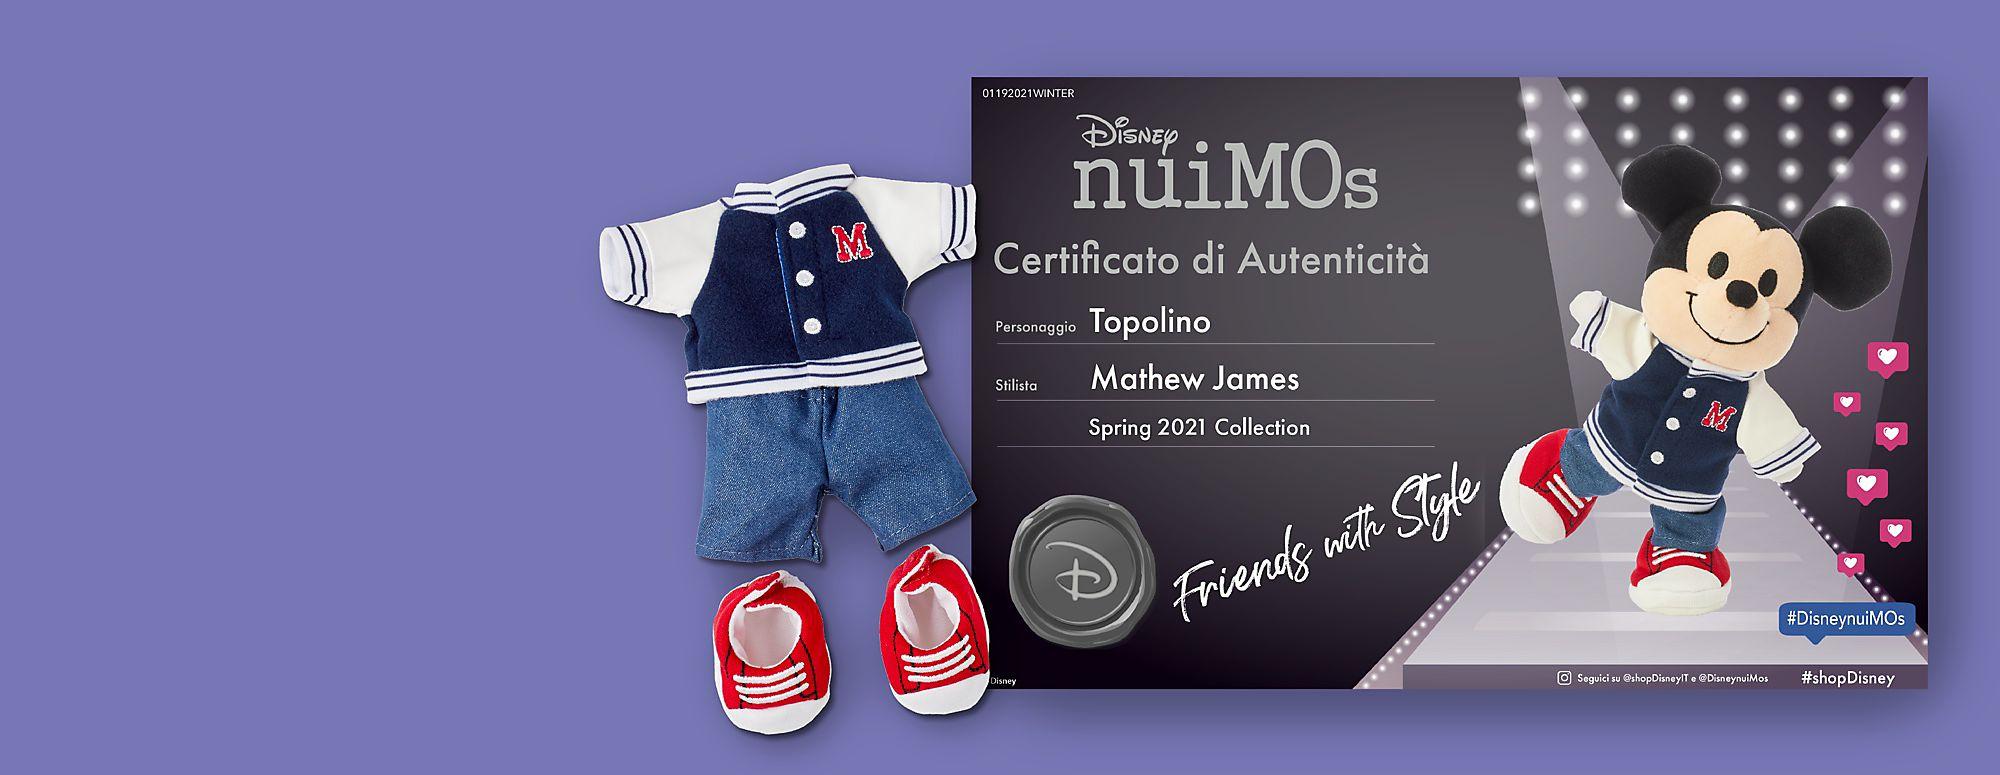 Mostra a tutti il tuo stile unico Diventa uno stilista nuiMOs Disney ufficiale e ricevi GRATIS un certificato di autenticità